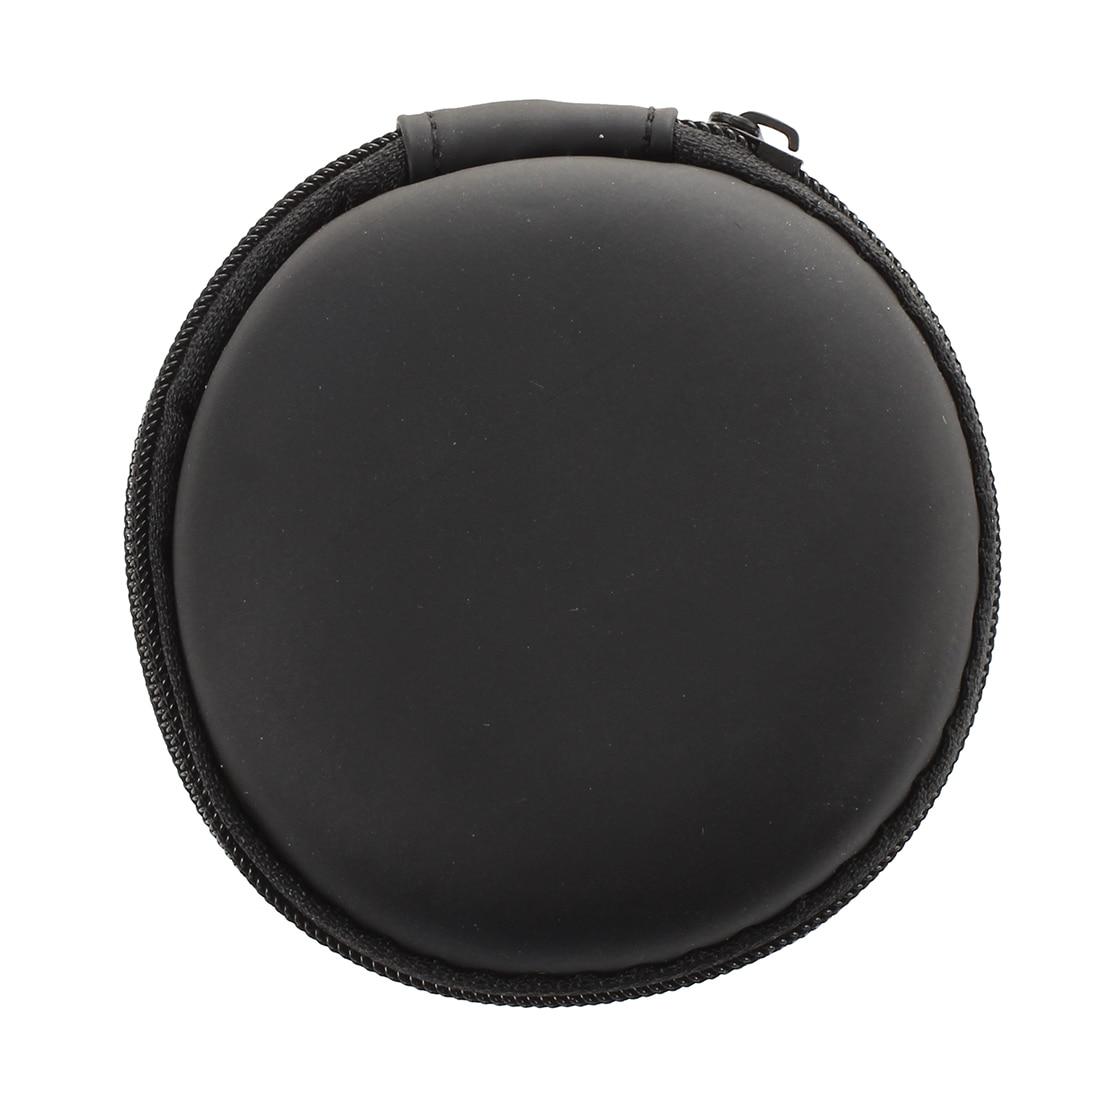 Круглый Портативный Мини Жесткий чехол для хранения сумку коробка для наушники SD TF карты